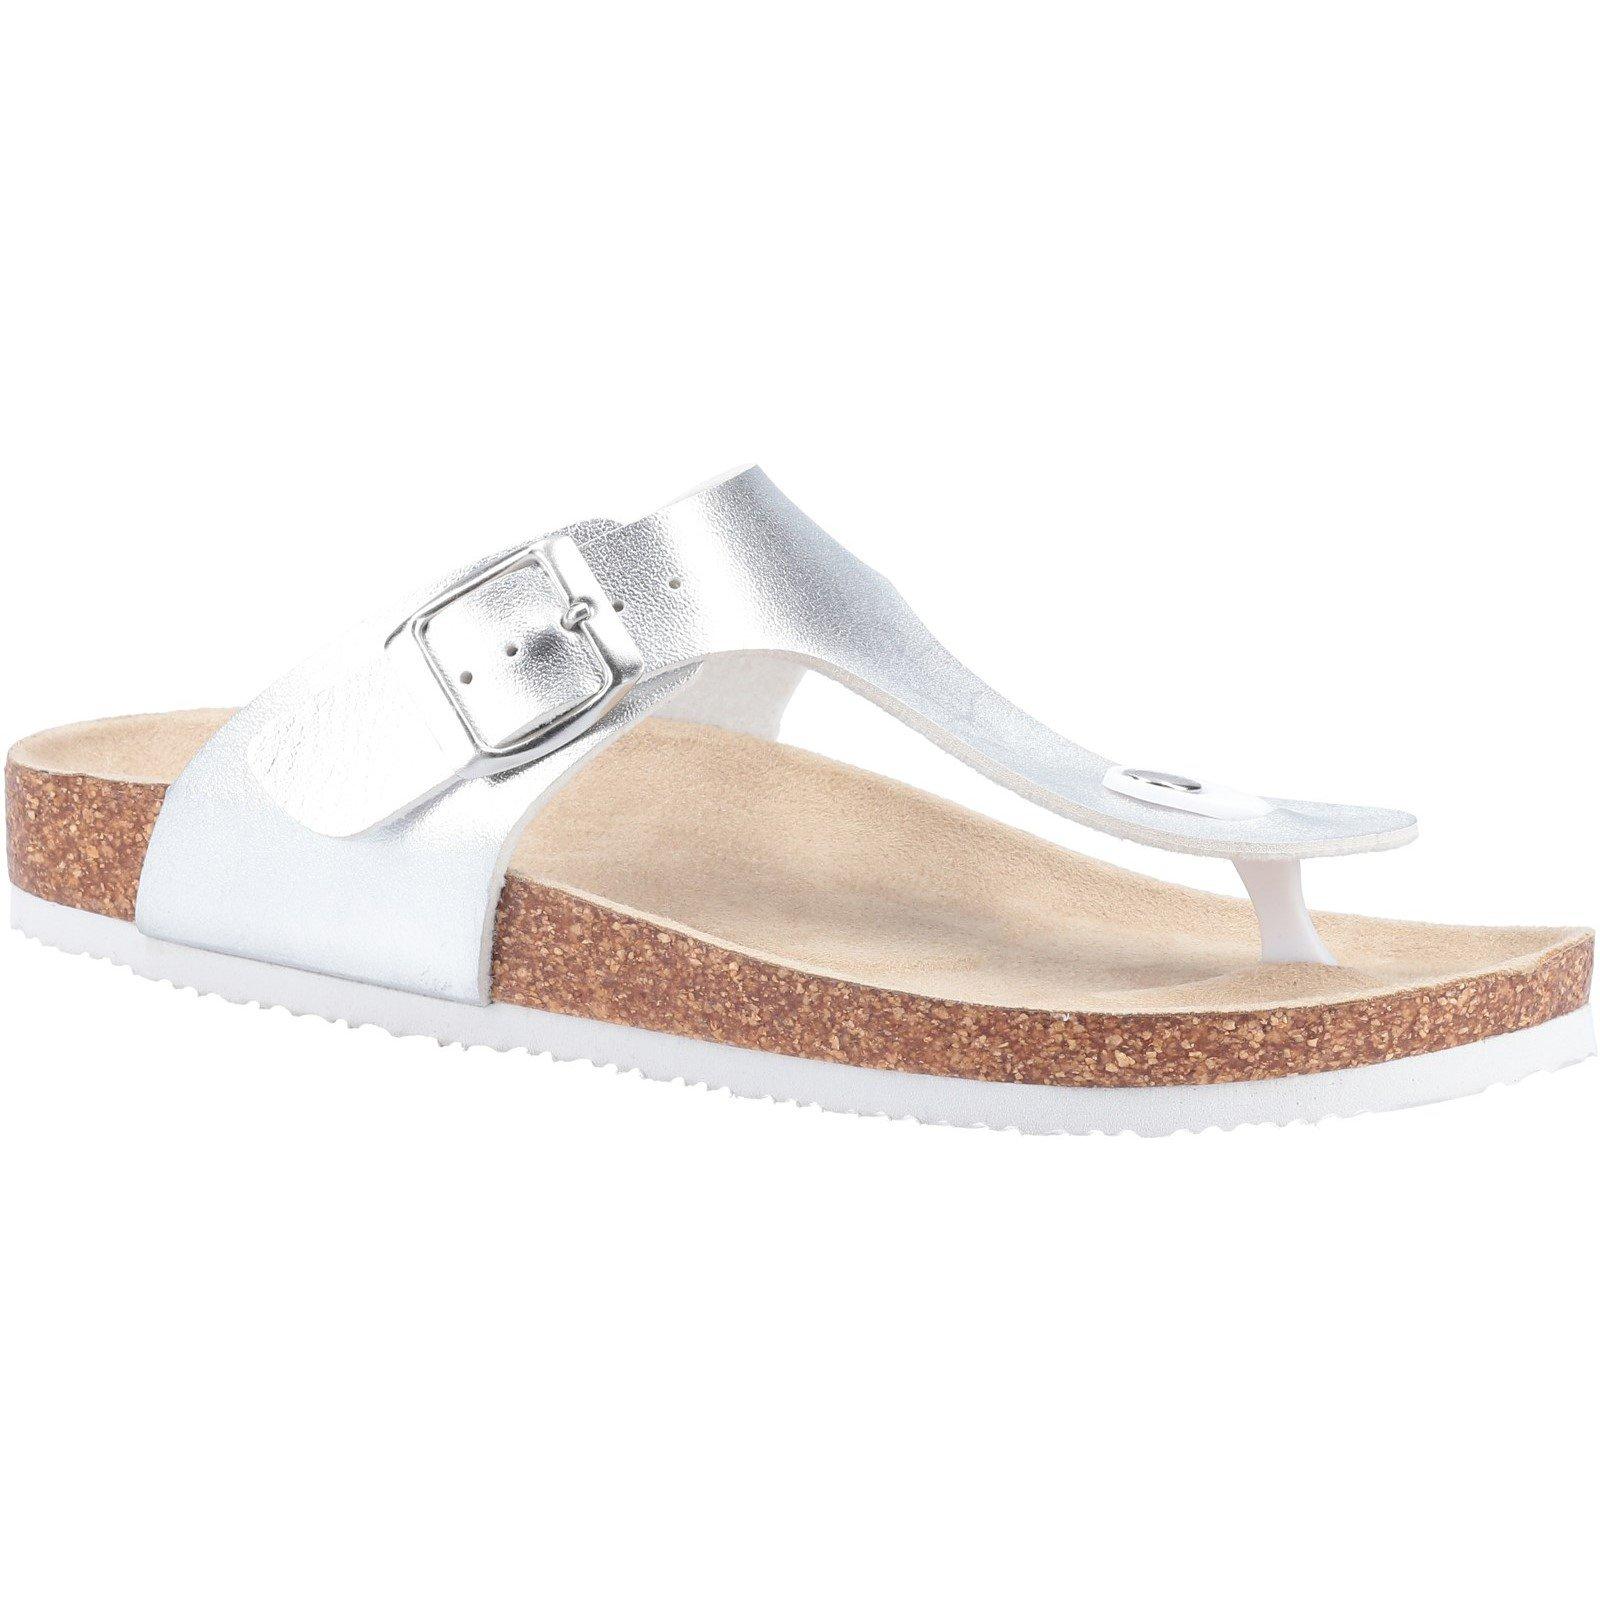 Divaz Women's Biarritz Toe Post Sandal Various Colours 31919 - Silver 3